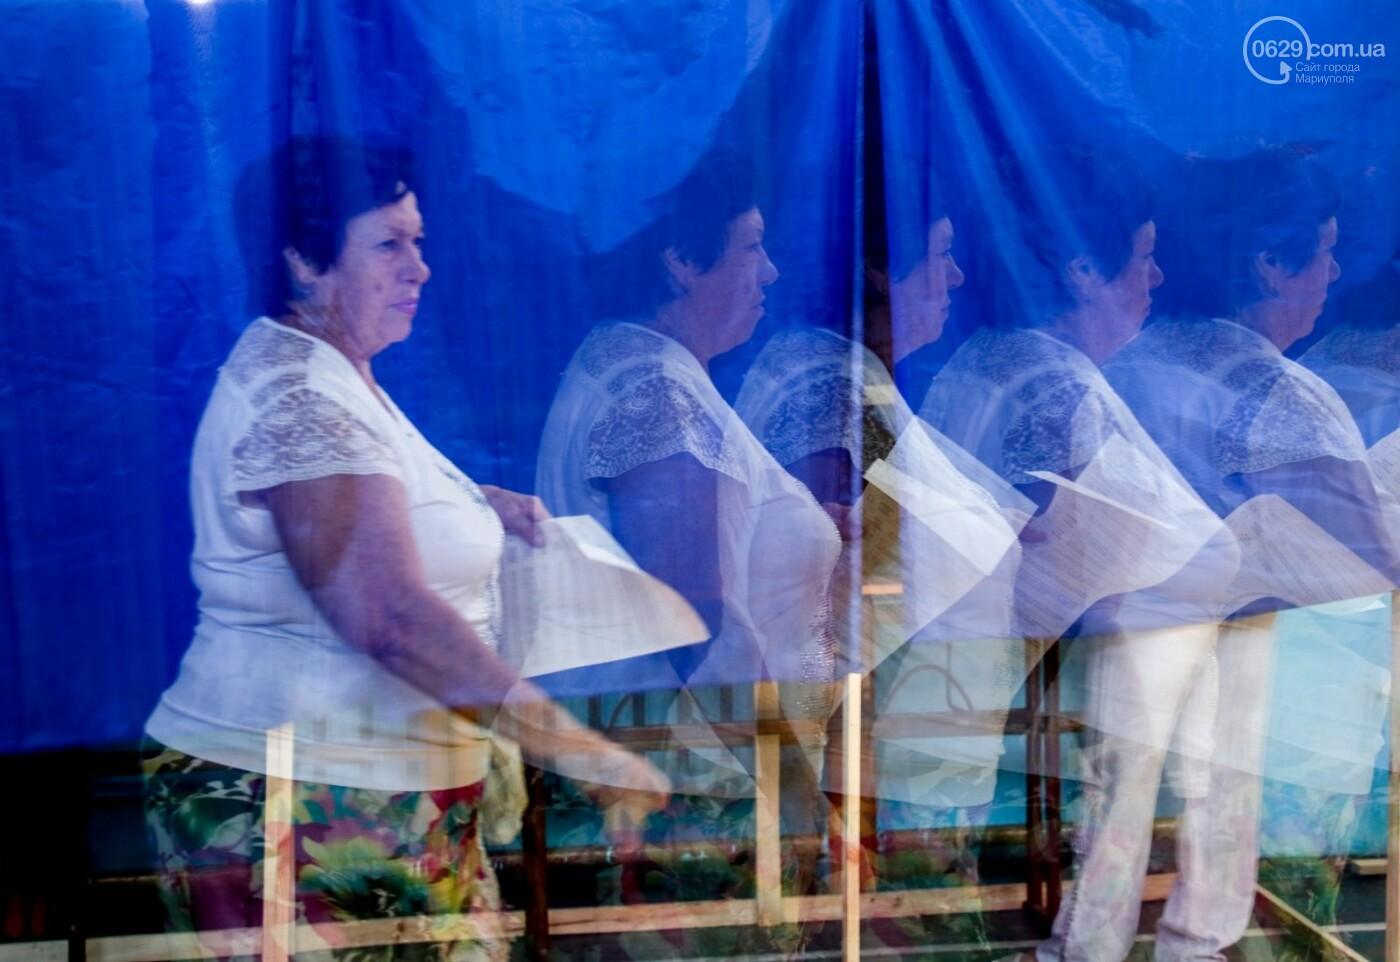 Как бабушки и дедушки будущее Украины выбирали, пока молодежь загорала на пляже, - ФОТОРЕПОРТАЖ, фото-4